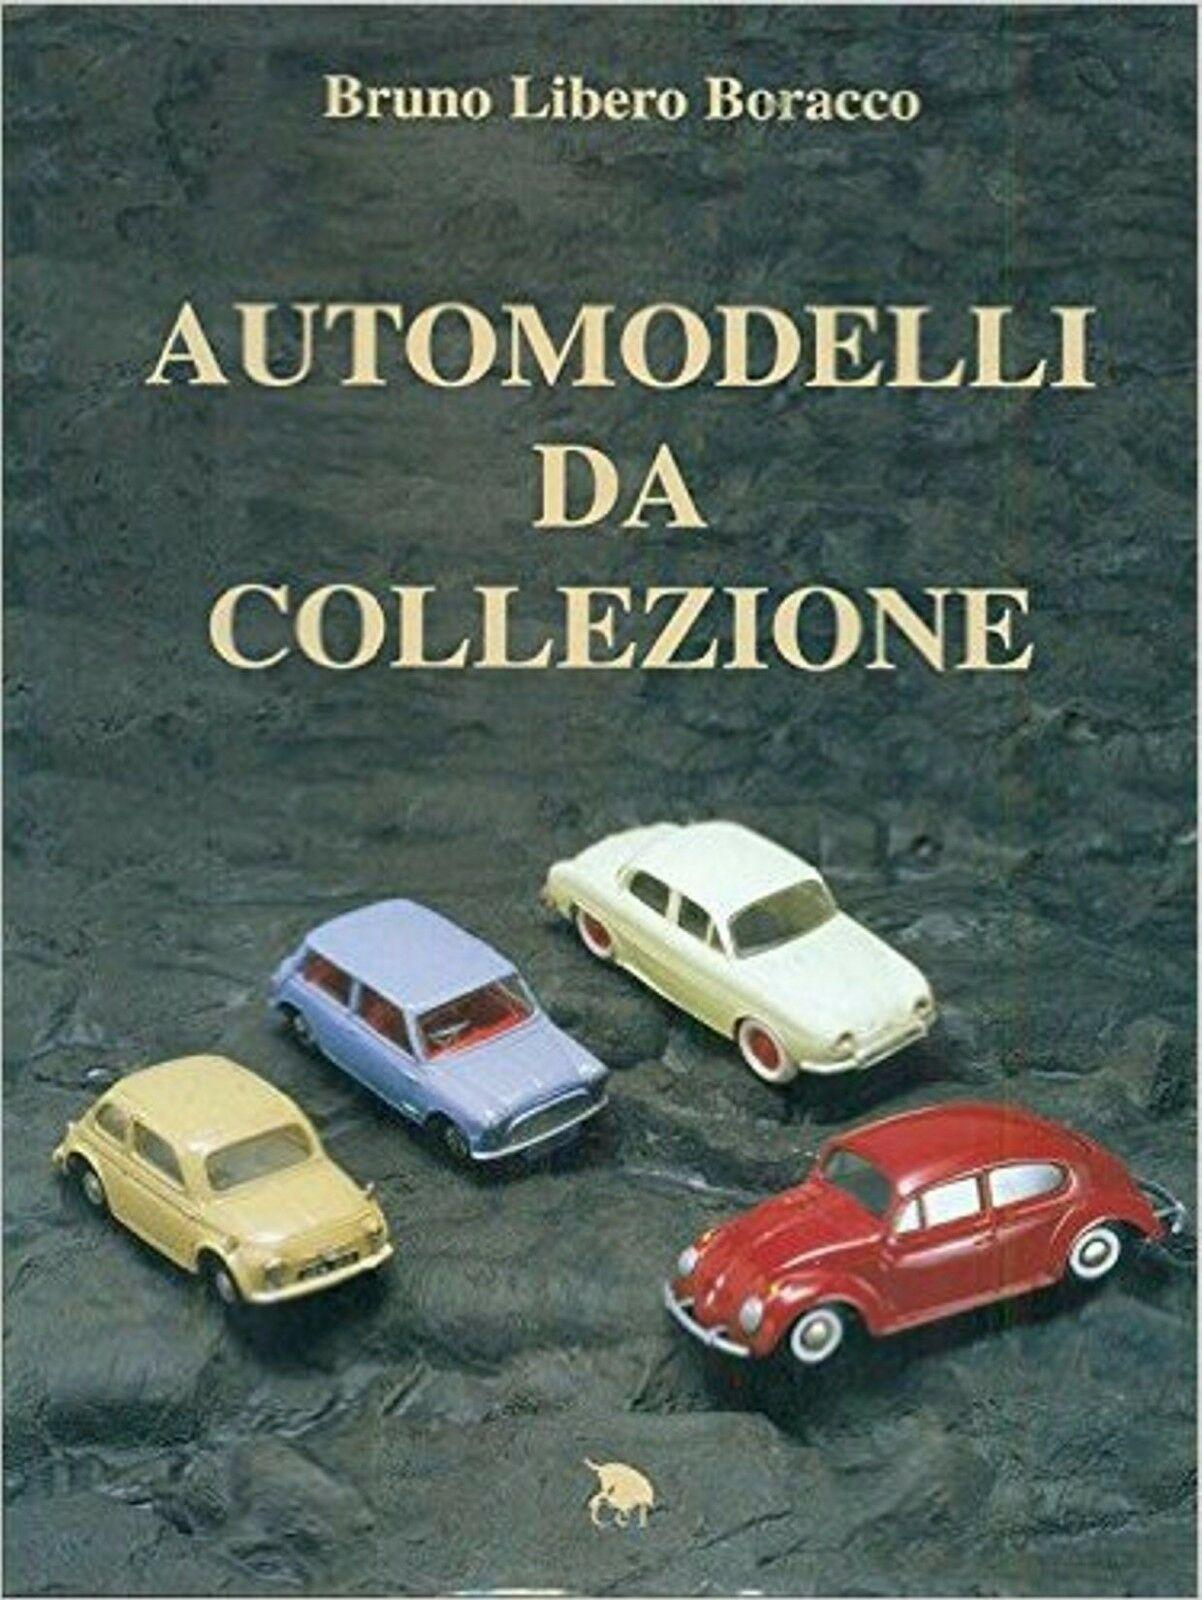 """""""Automodelli da collezione"""" di Bruno Libero Boracco al mercatino"""